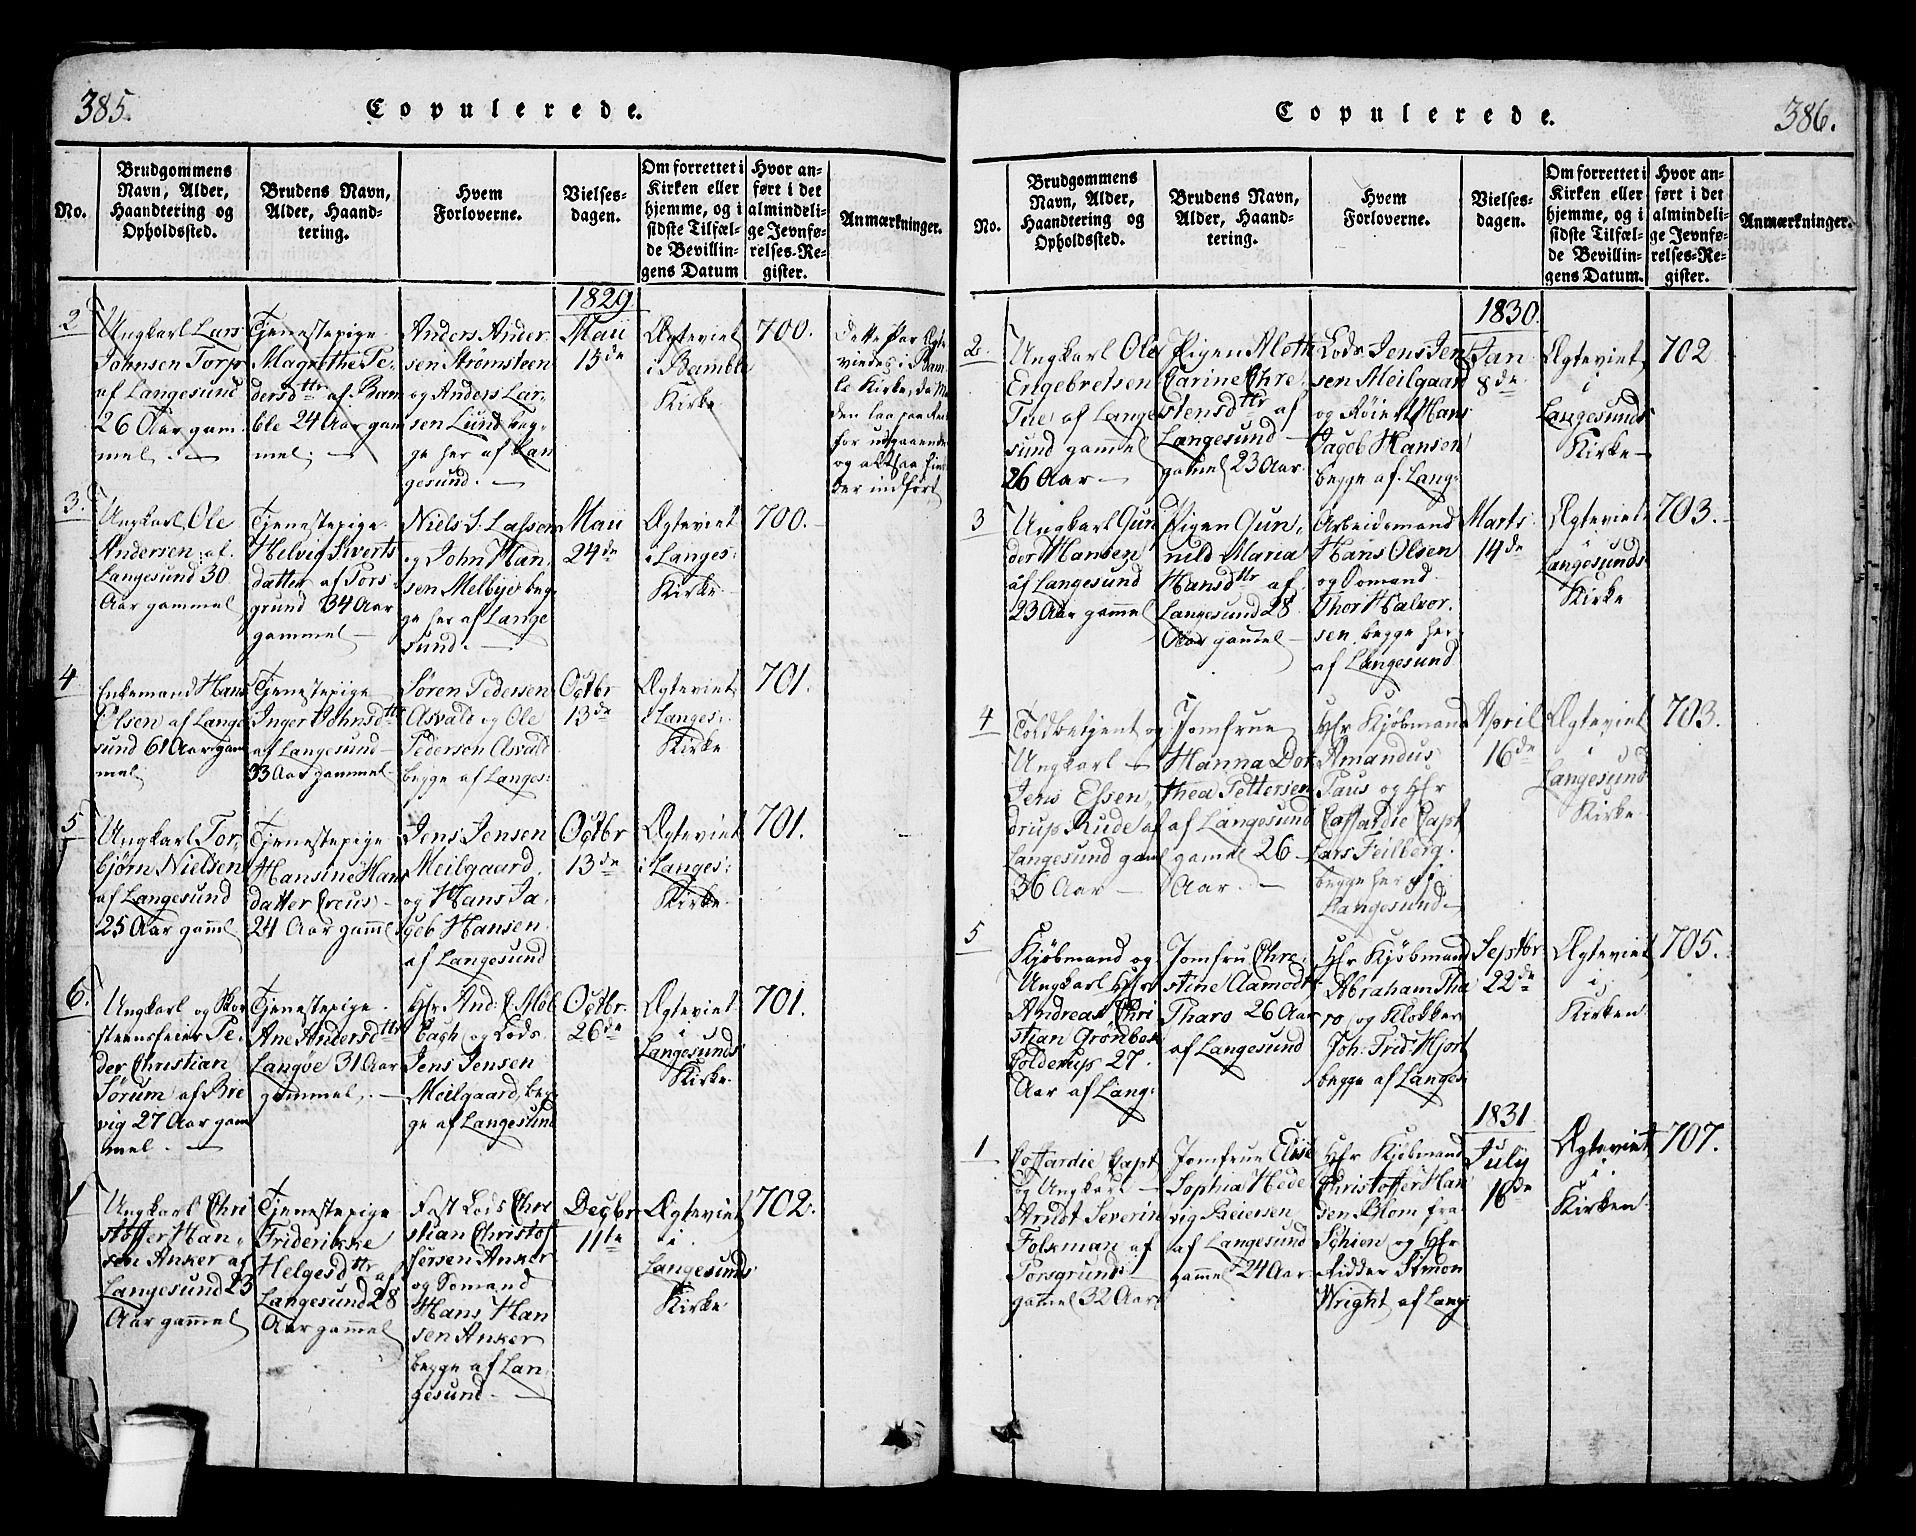 SAKO, Langesund kirkebøker, G/Ga/L0003: Klokkerbok nr. 3, 1815-1858, s. 385-386